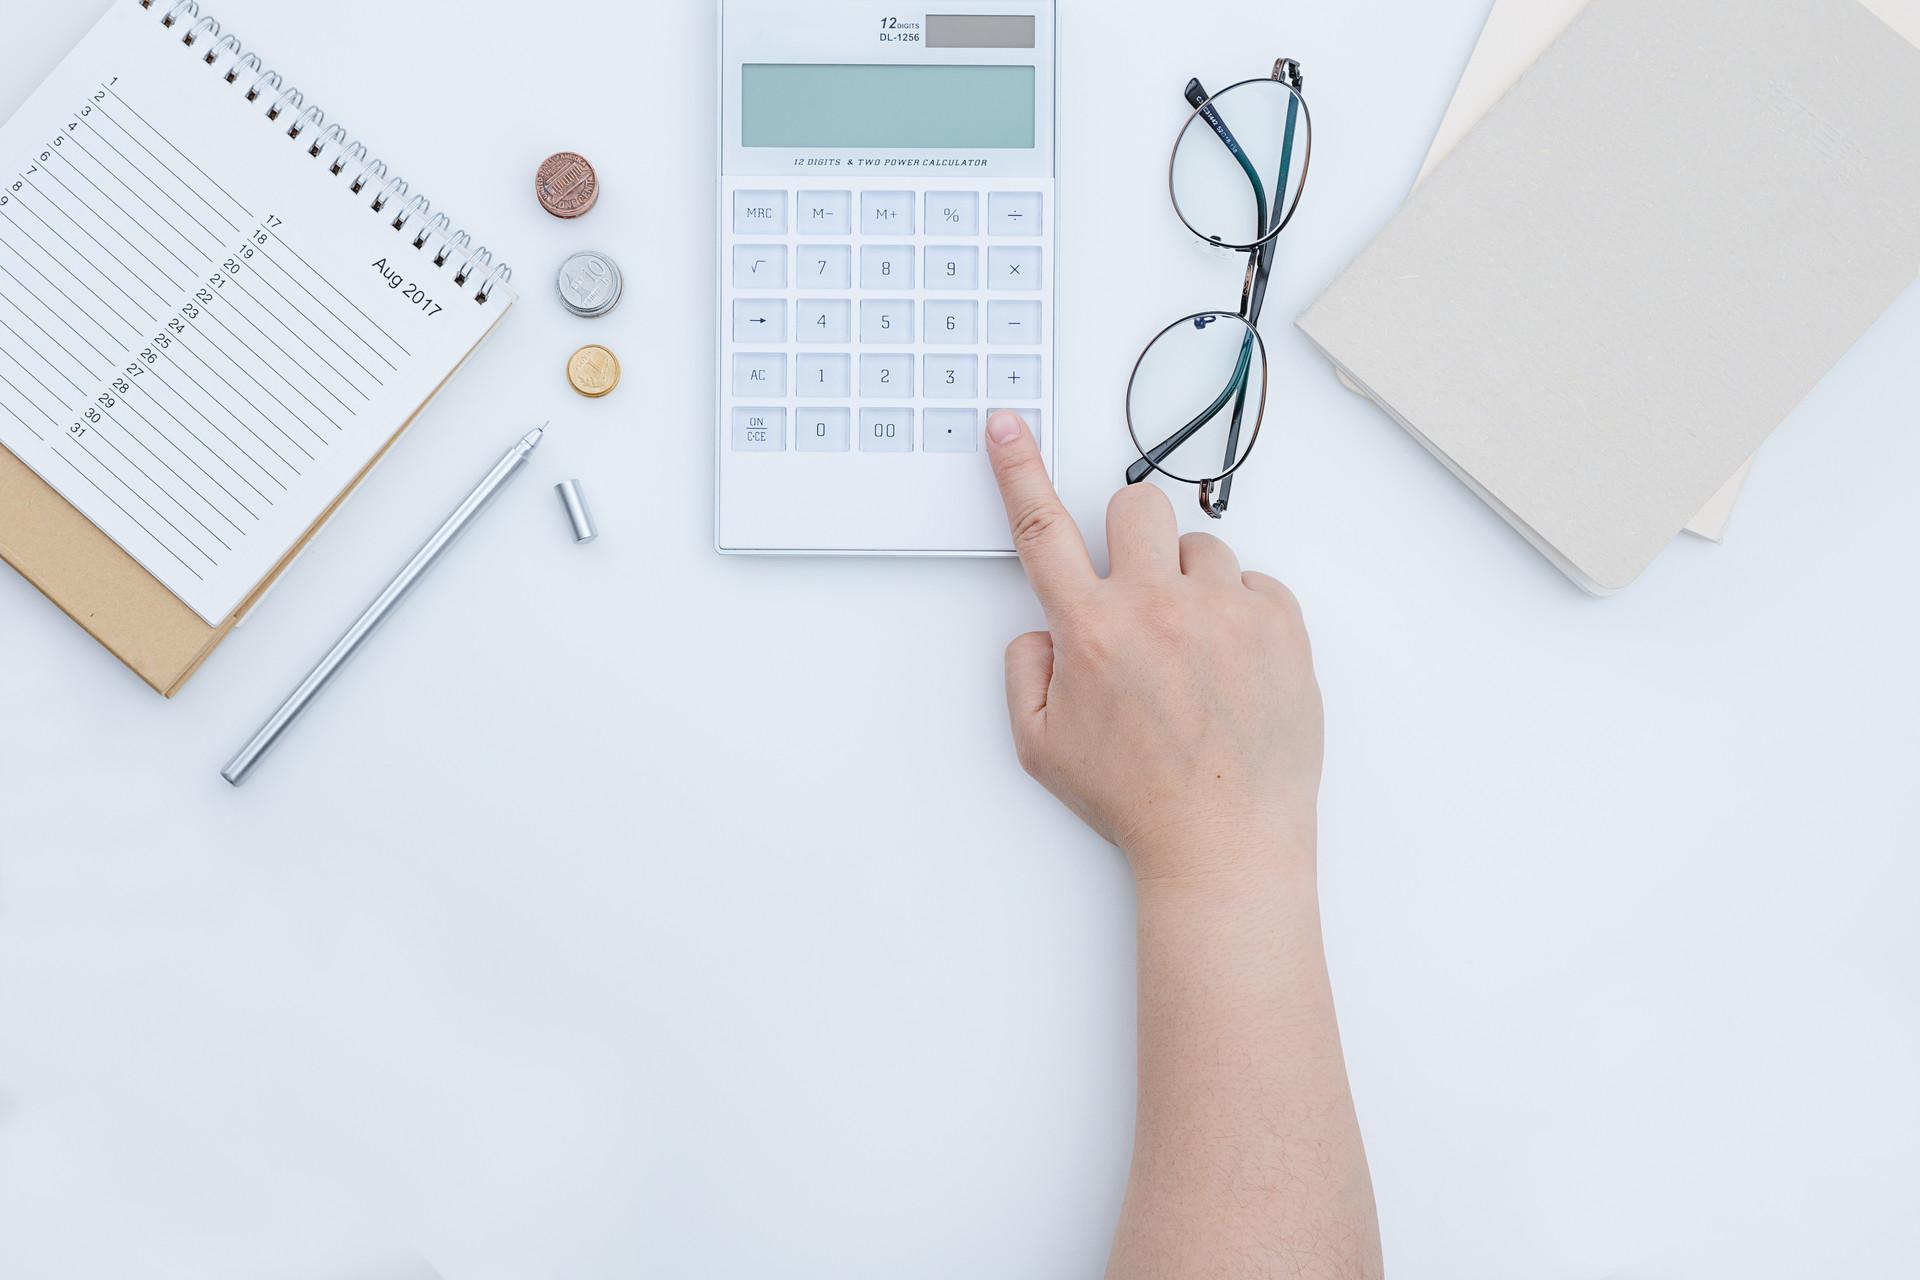 如何挑选代发人员薪资的第三方公司?